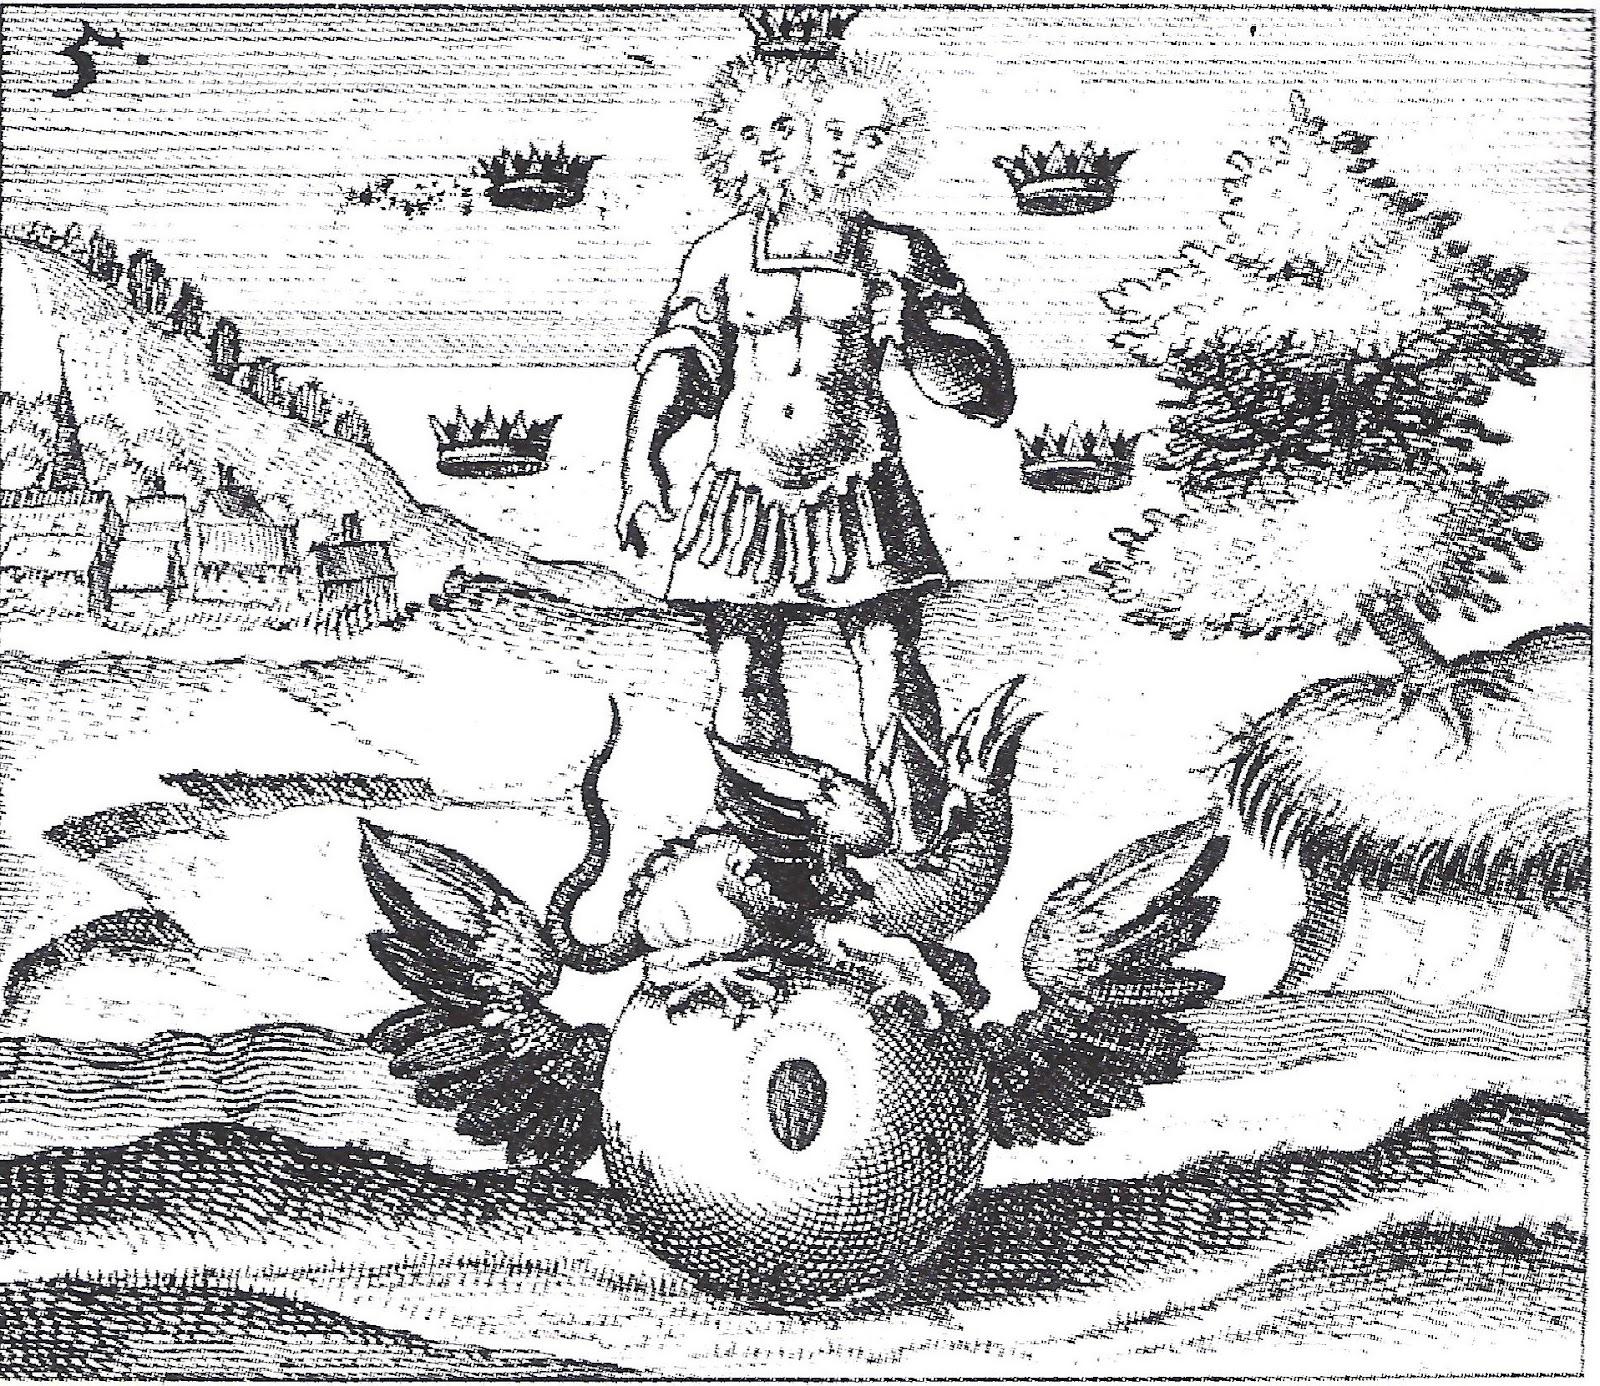 Johann Daniel Mylius - Philosophia reformata - 1622 - La quintessence unique de la Pierre Philosophale